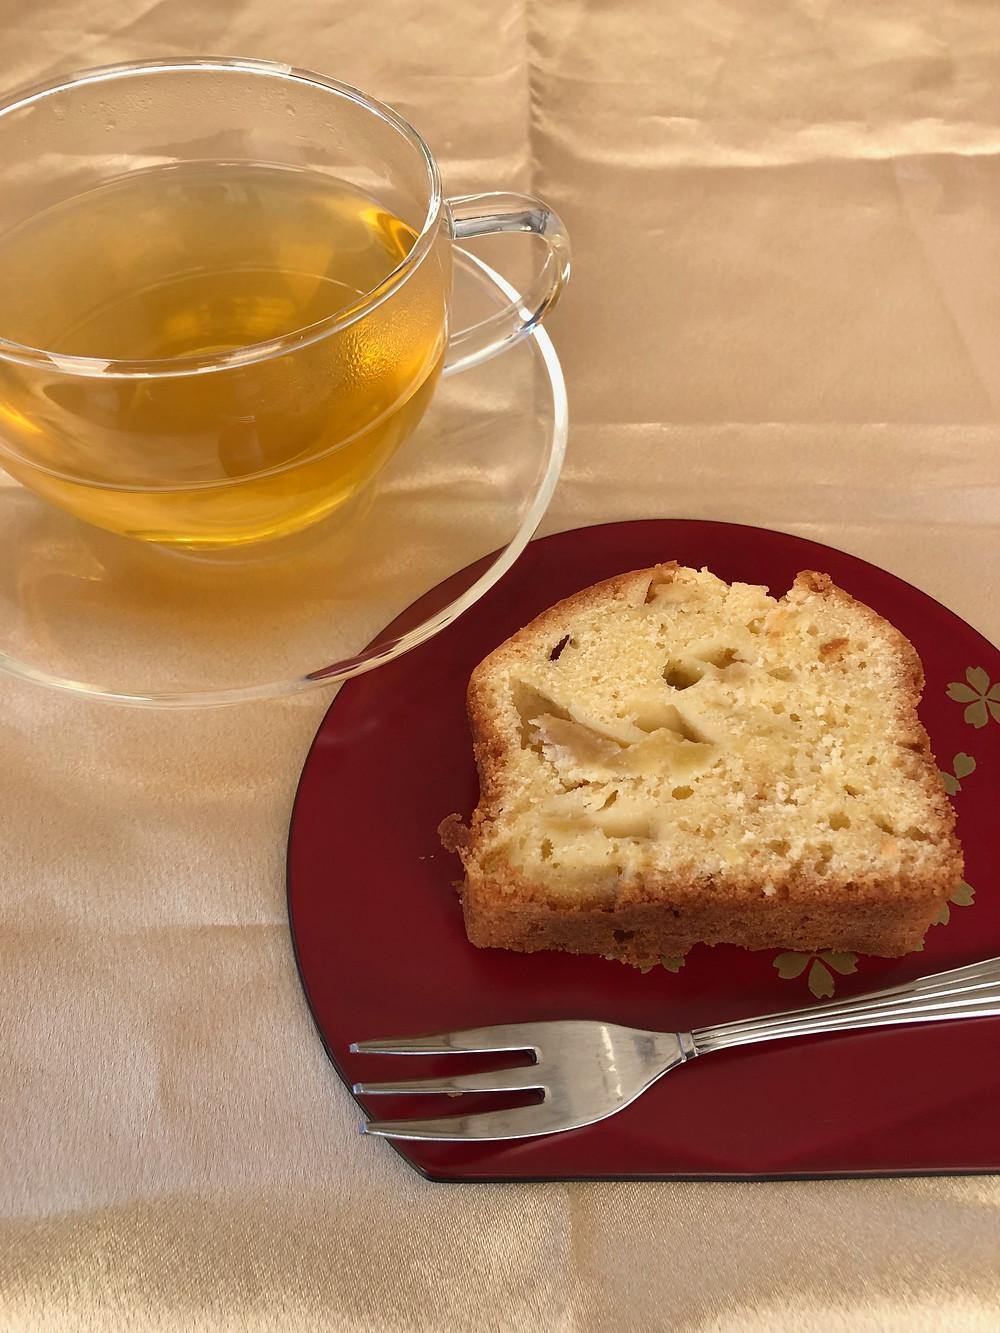 りんごのパウンドケーキとハーブティー